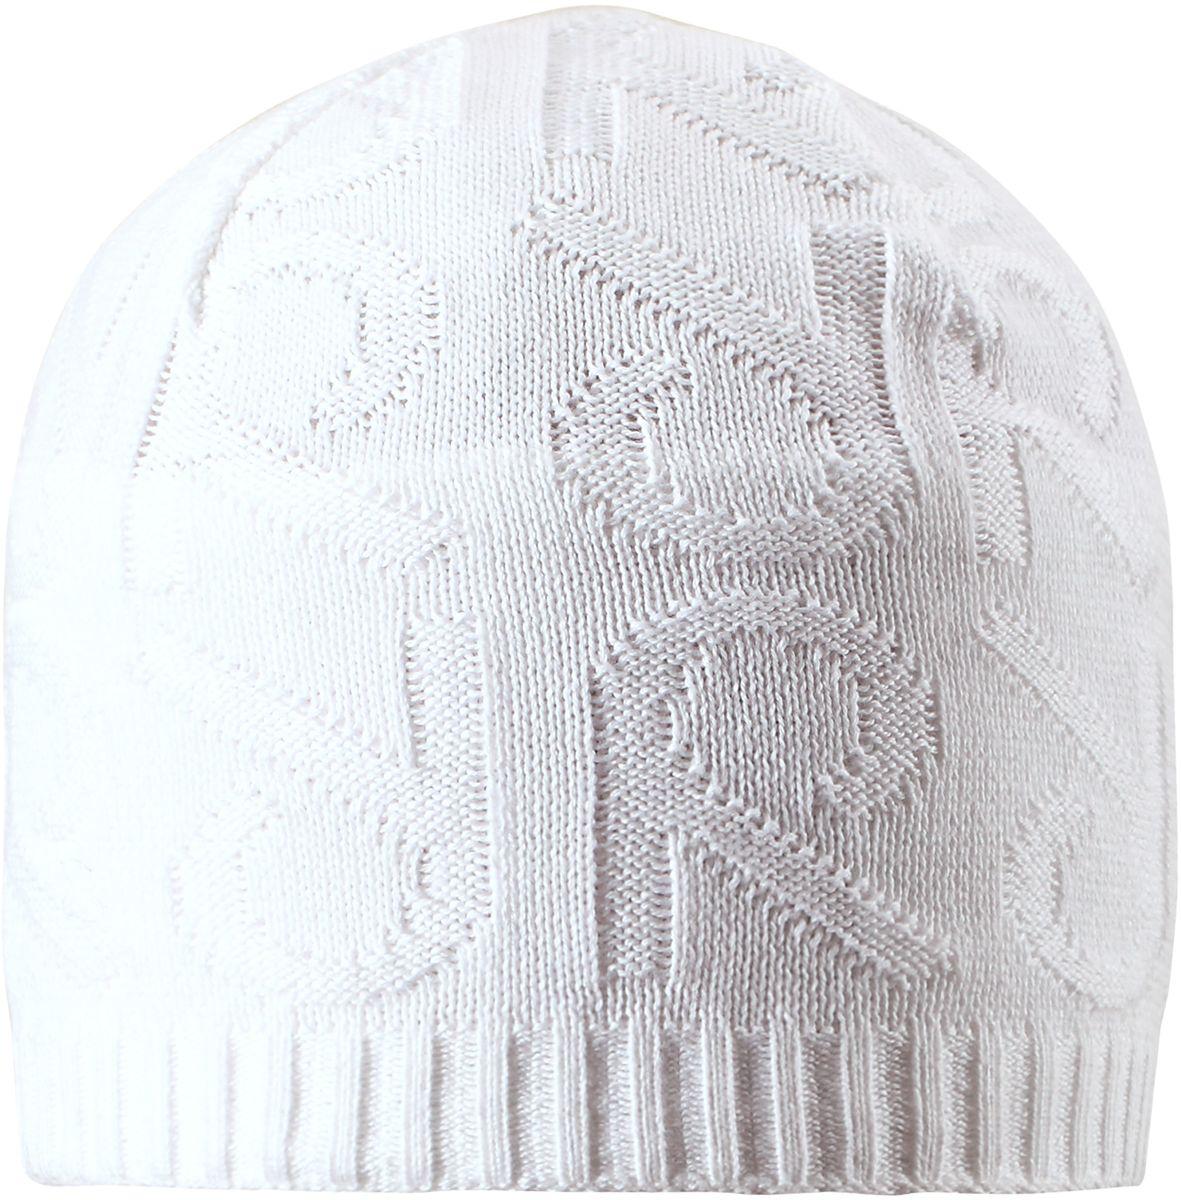 Шапка детская Reima Ankkuri, цвет: белый. 5285110100. Размер 565285110100Стильная вязаная шапочка для малышей подходит на все случаи жизни. Благодаря модному рисунку она отлично сочетается с разными вариантами одежды. Полуподкладка из хлопчатобумажного трикотажа гарантирует тепло, а ветронепроницаемые вставки между верхним слоем и подкладкой, защищают уши. Светоотражающие детали помогут лучше разглядеть ребенка в темное время суток.